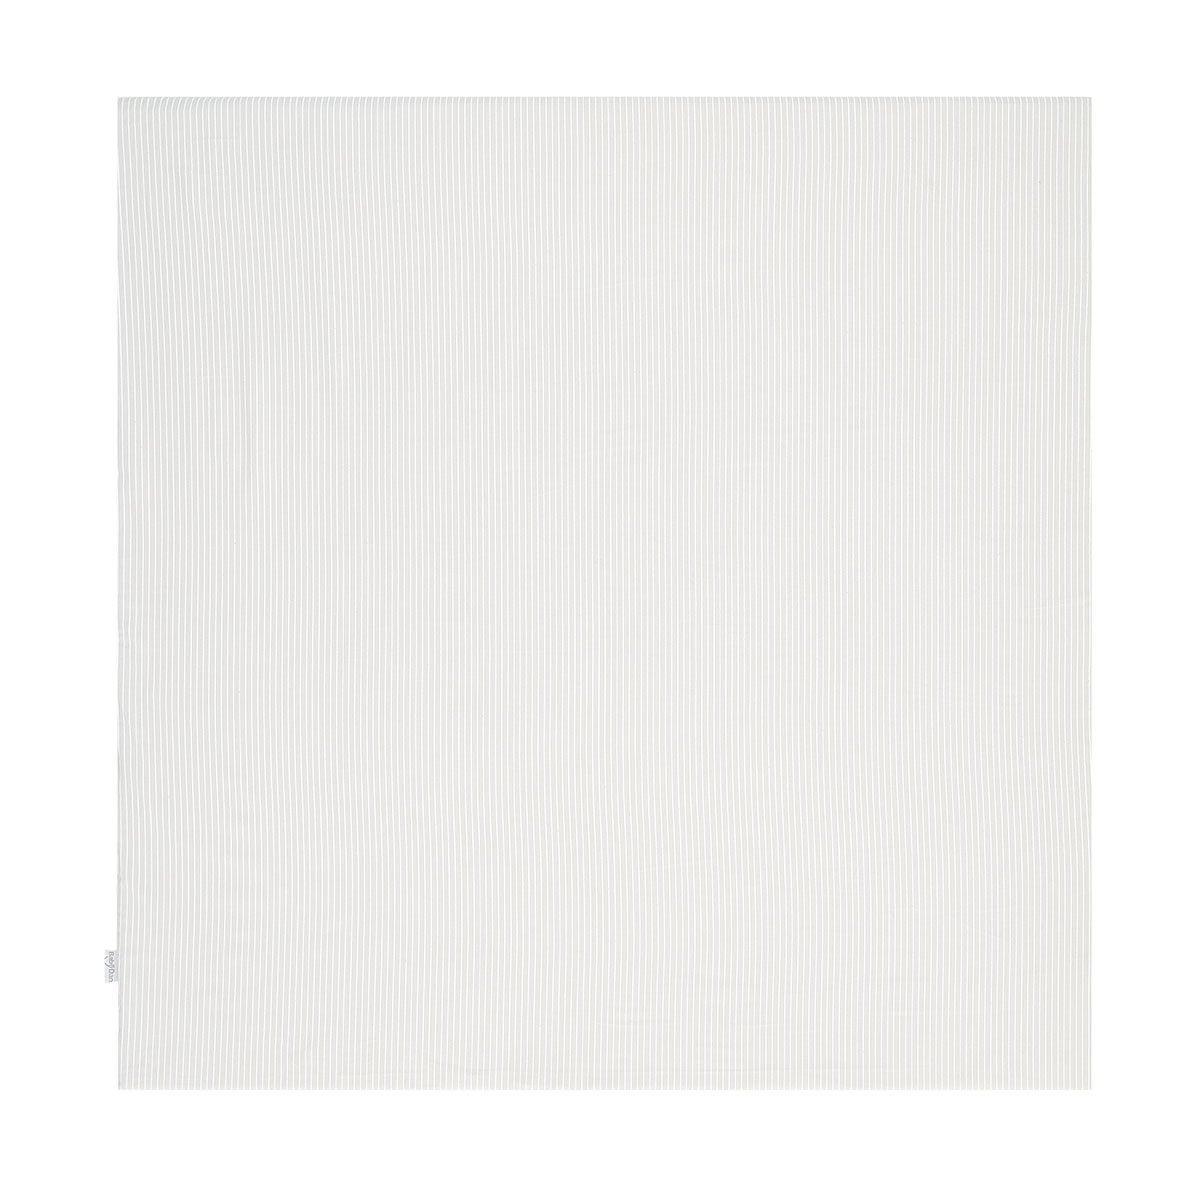 Babydan Madrass Lekhage, grå, 99 x 99 cm